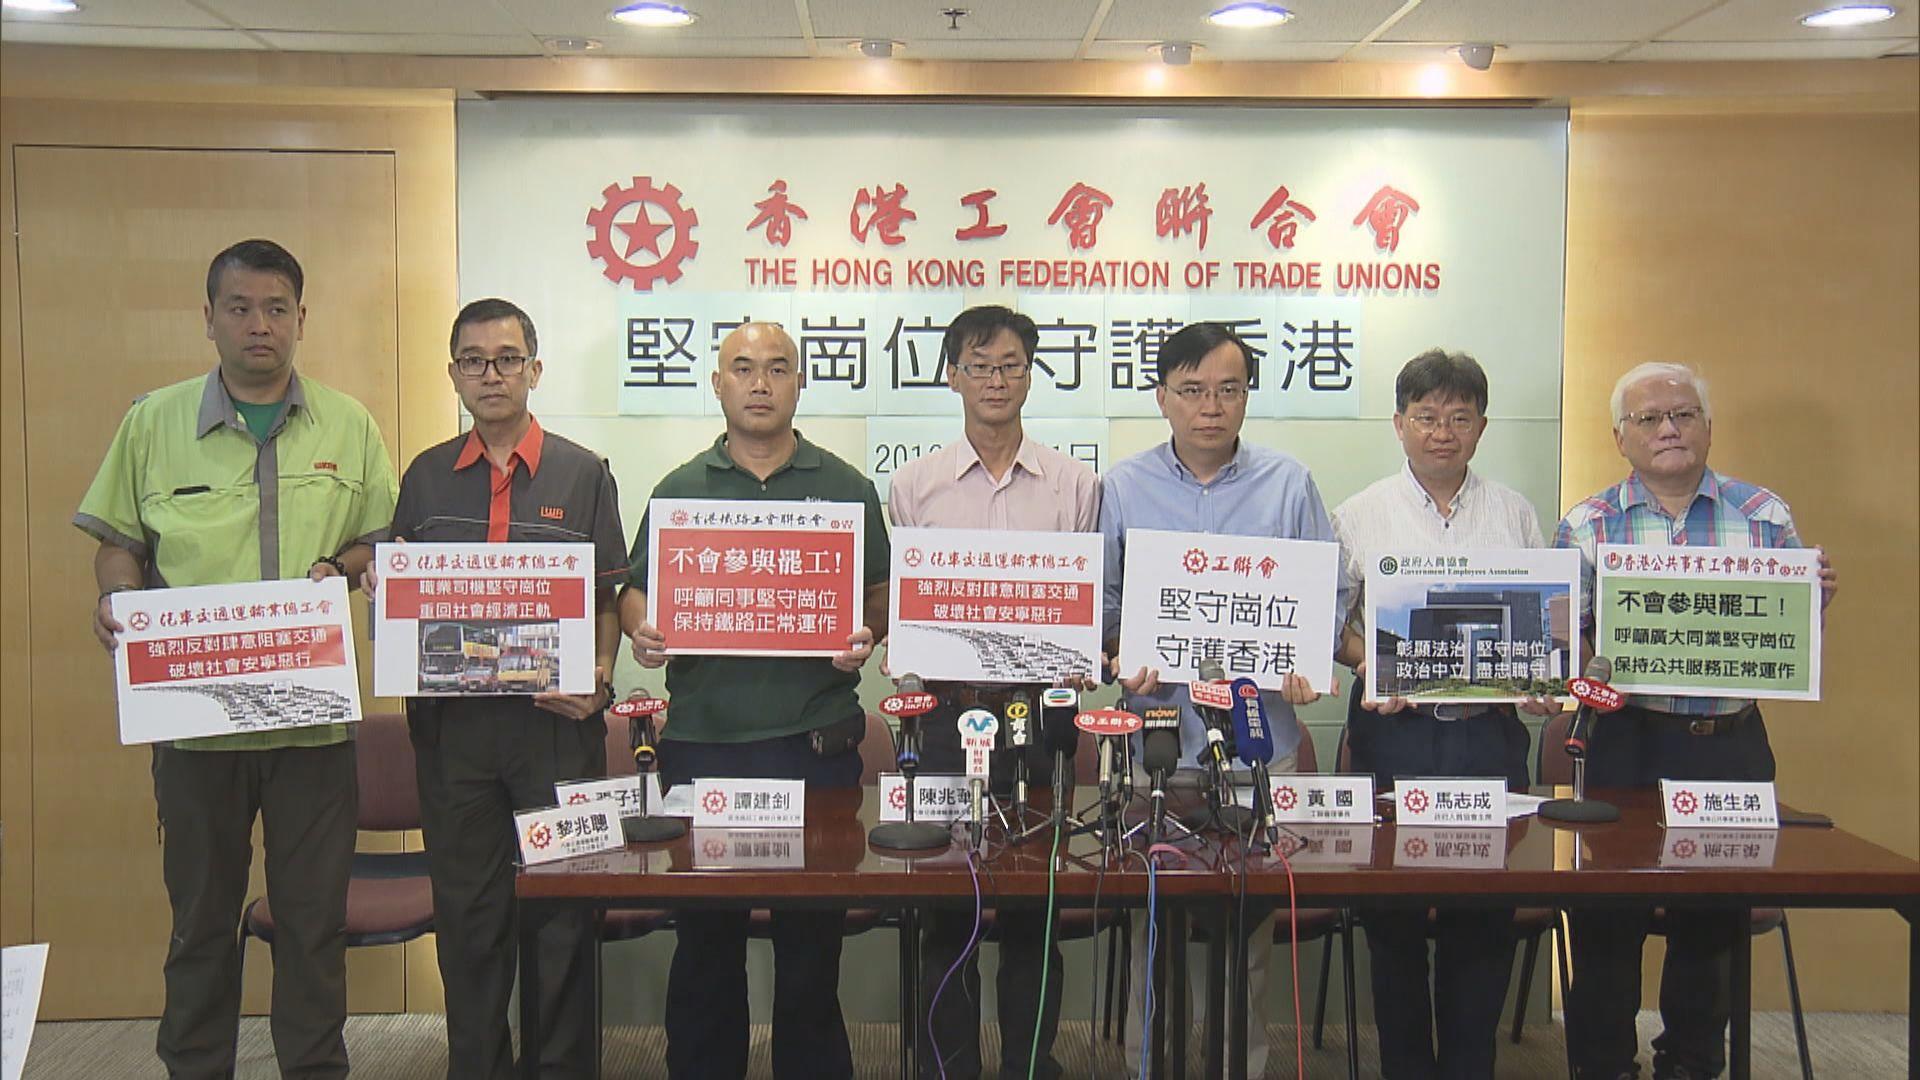 工聯會反對下周一全港大罷工